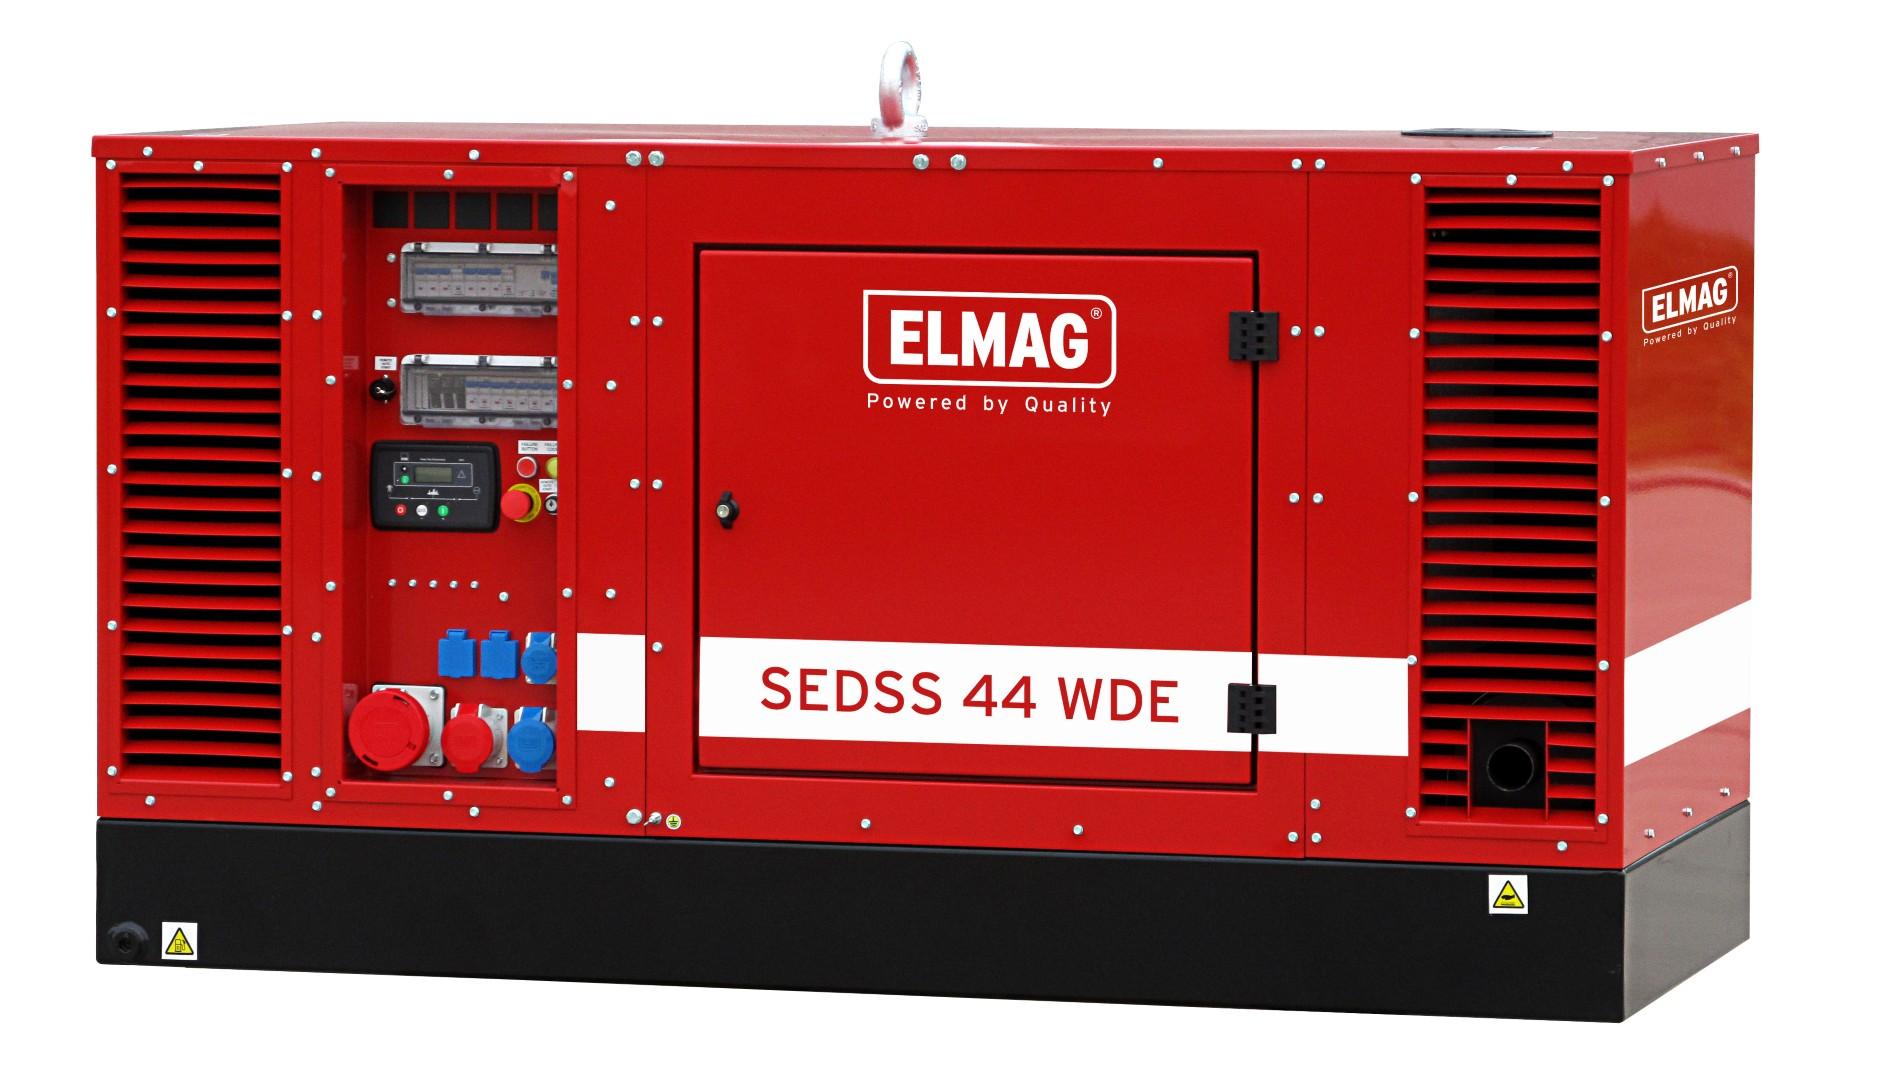 ELMAG Industrielle Stromerzeuger